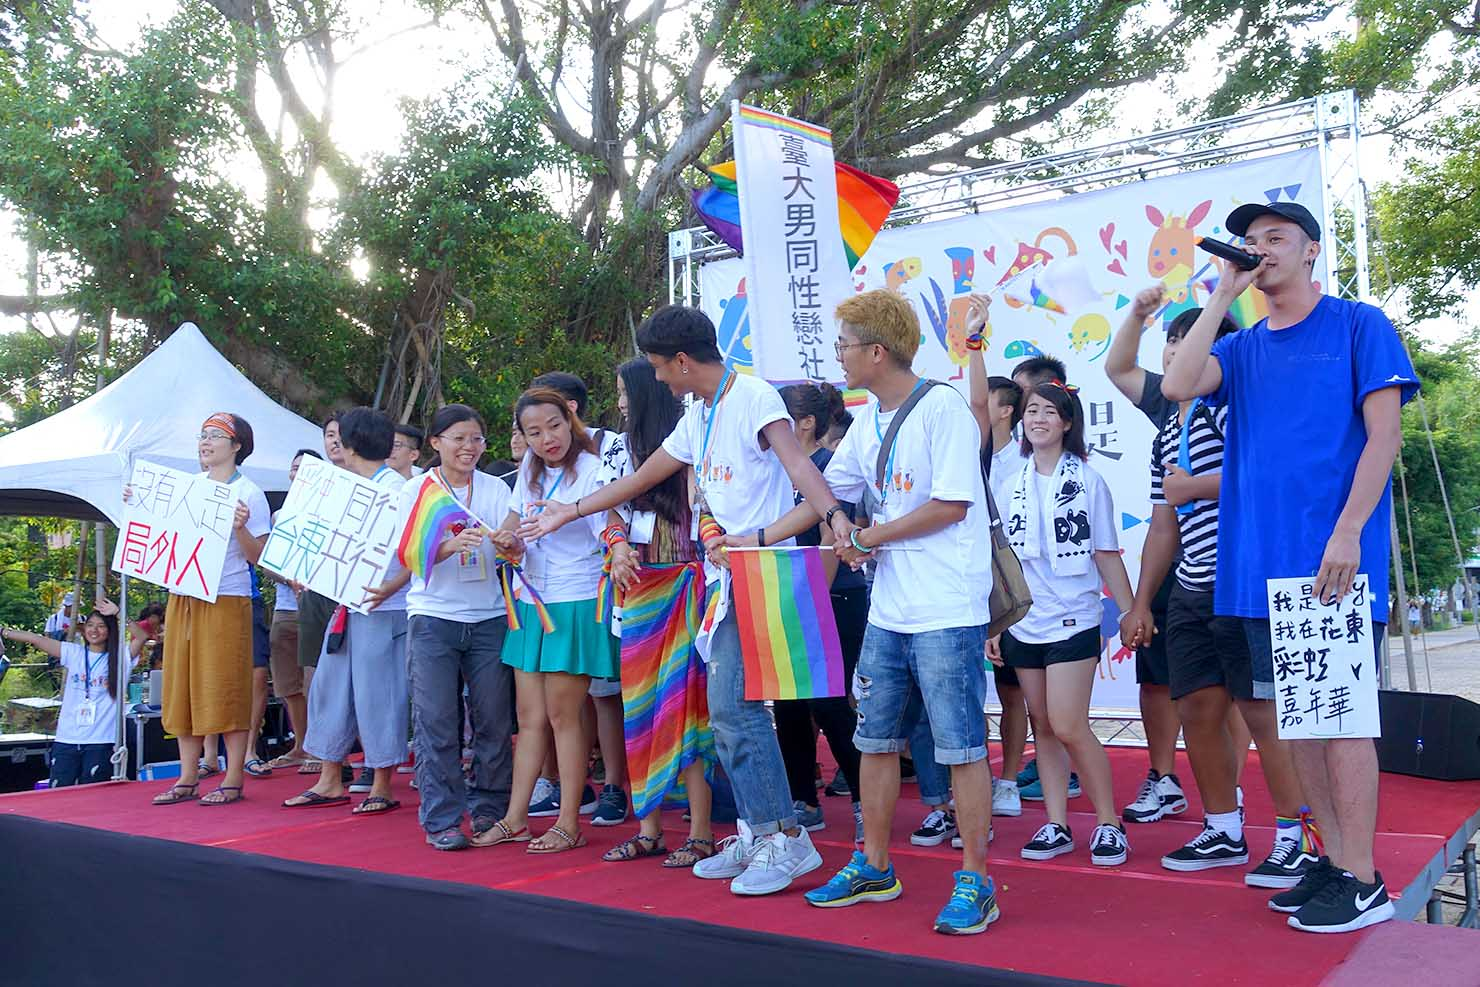 台湾東部のLGBTプライド「花東彩虹嘉年華」フィナーレのステージで合唱に加わる参加者たち